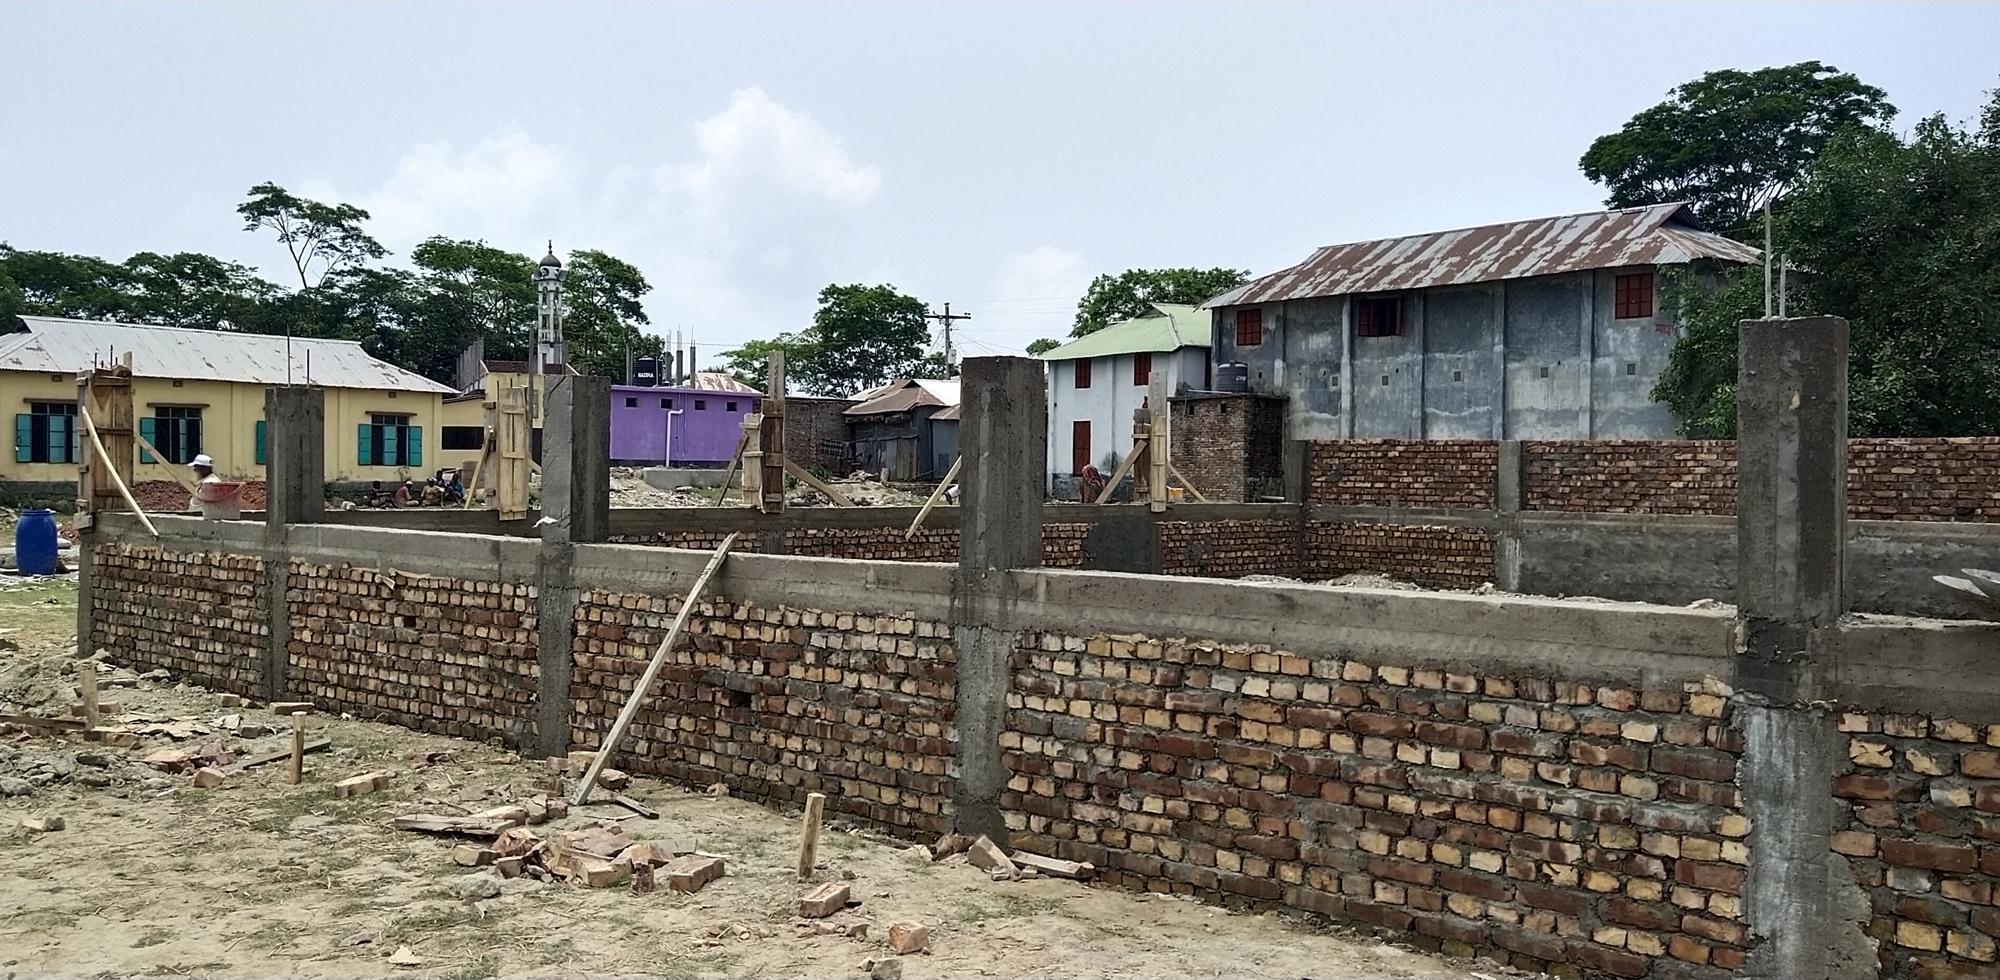 কুয়াকাটার ধুলাসার ইউপি চেয়ারম্যান : মসজিদের টাকায় পারিবারিক কবরস্থান নির্মাণ